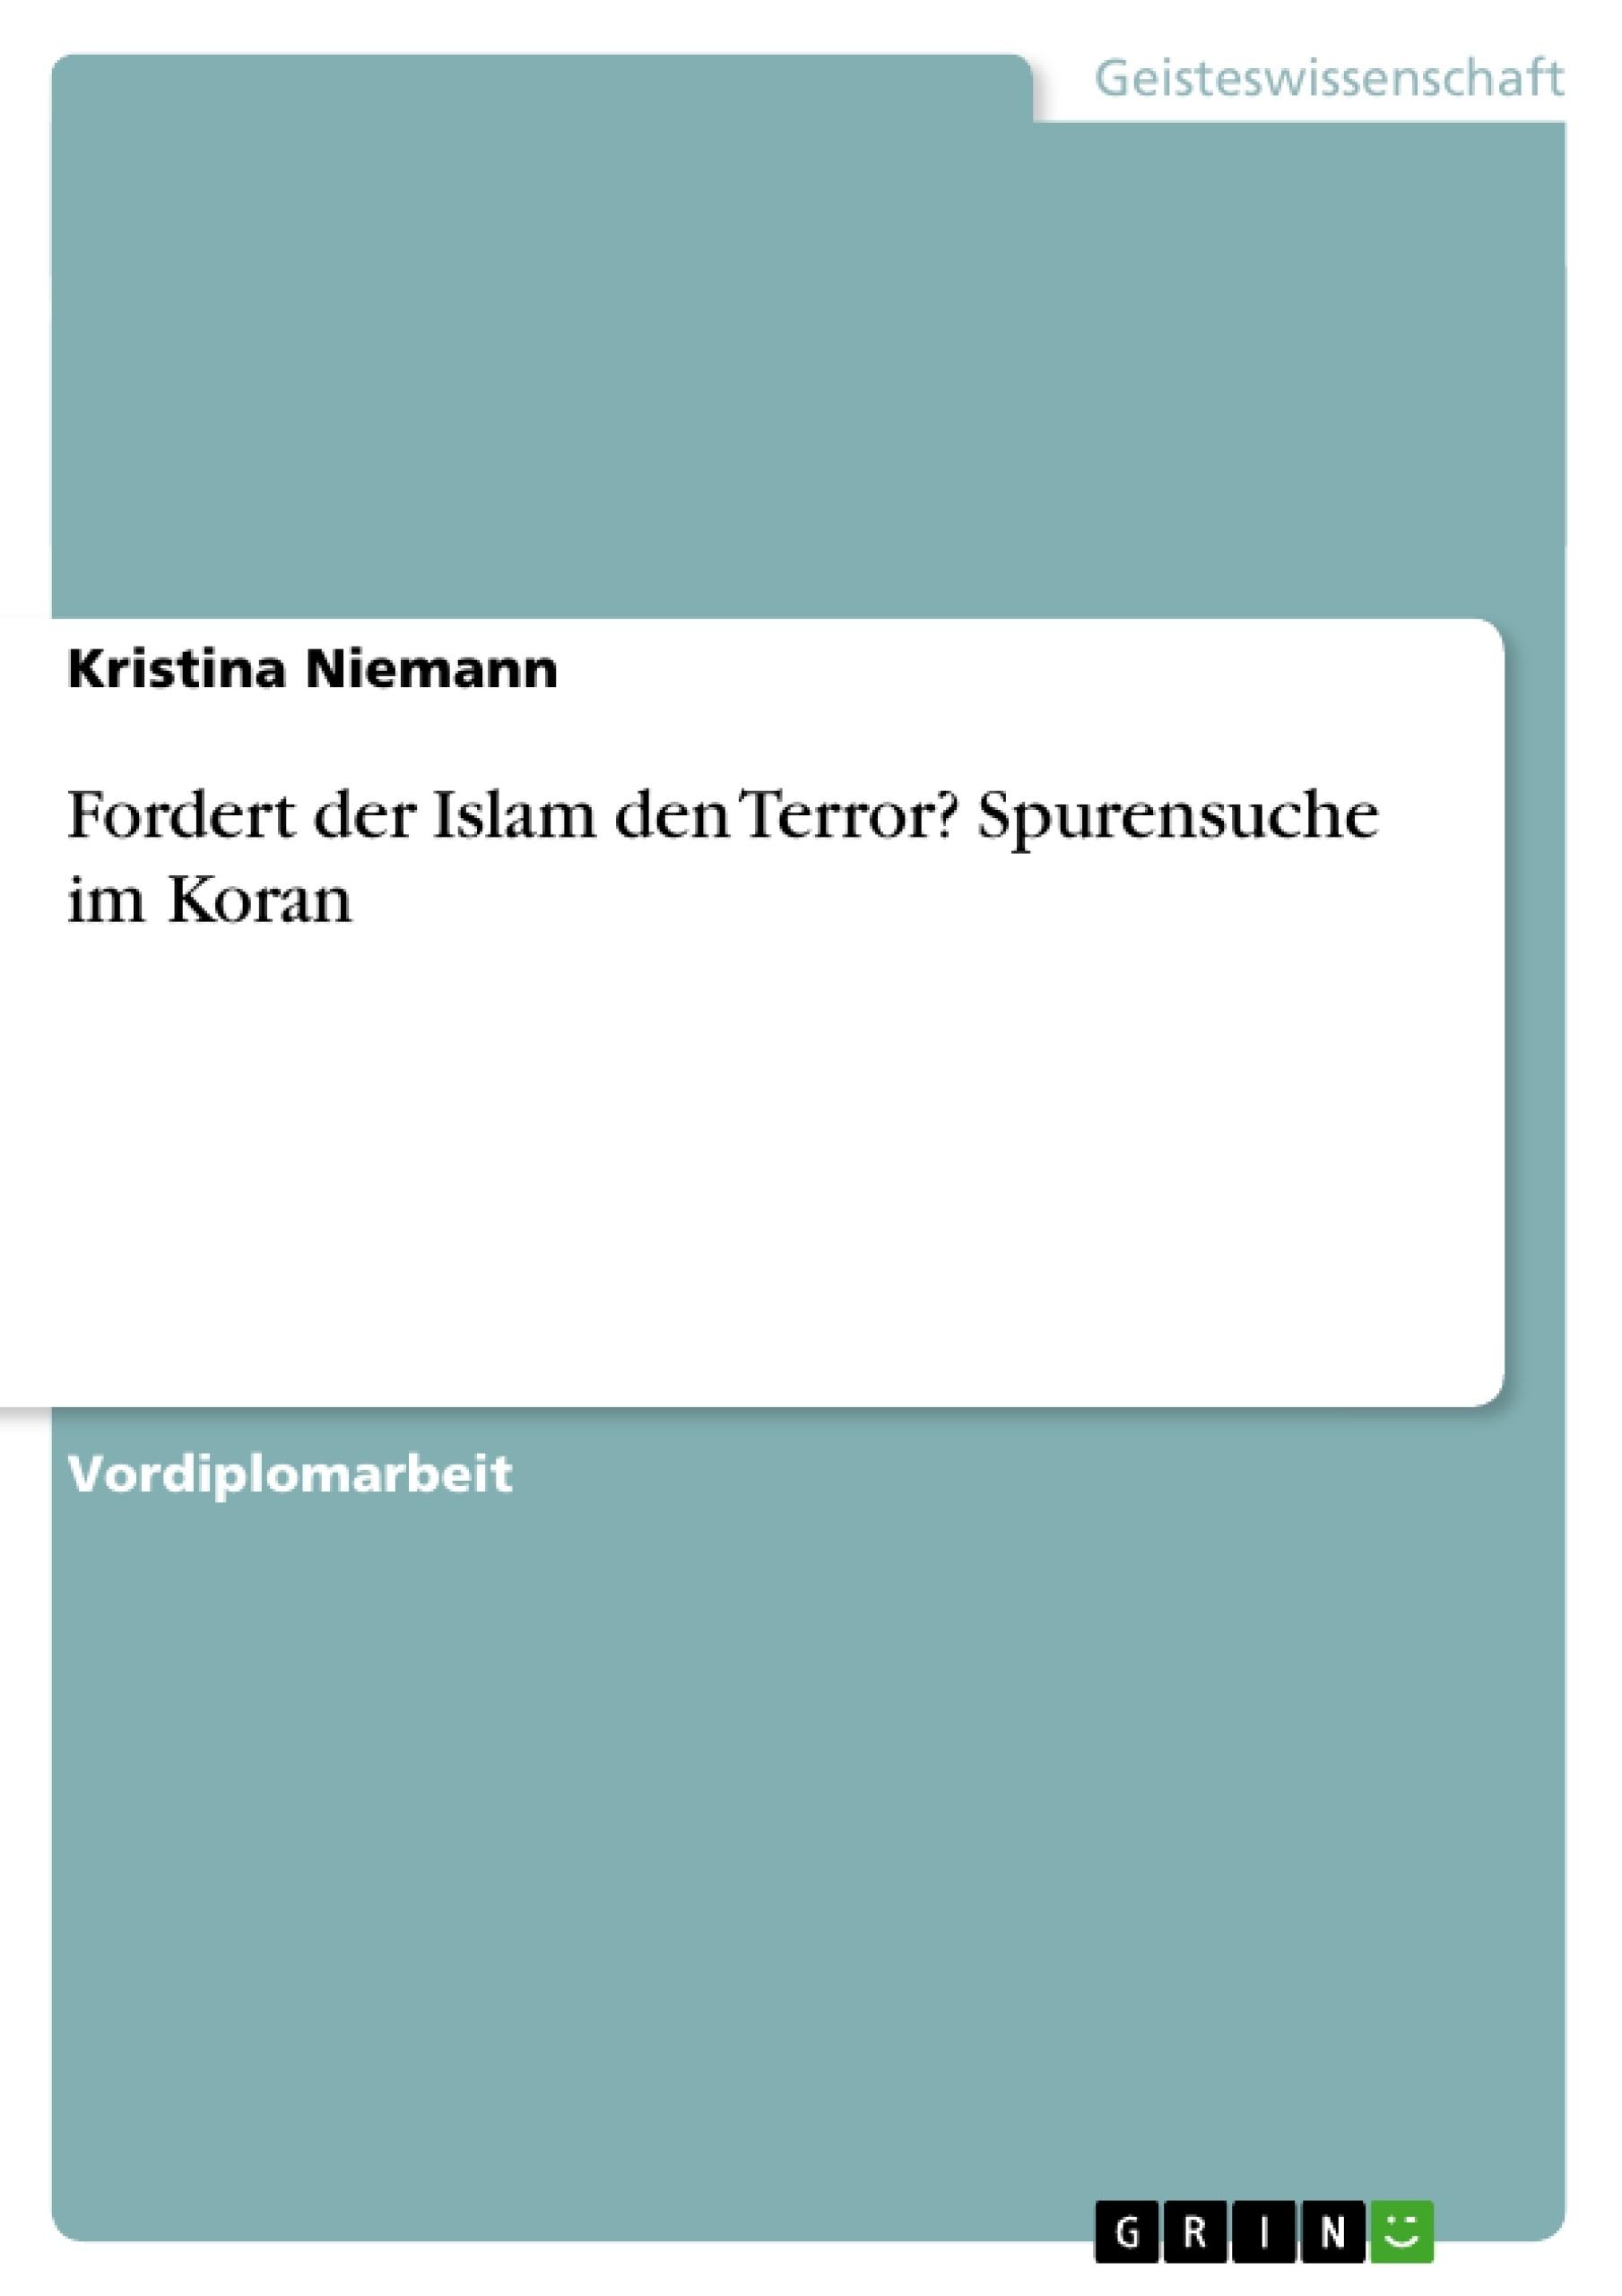 Titel: Fordert der Islam den Terror? Spurensuche im Koran